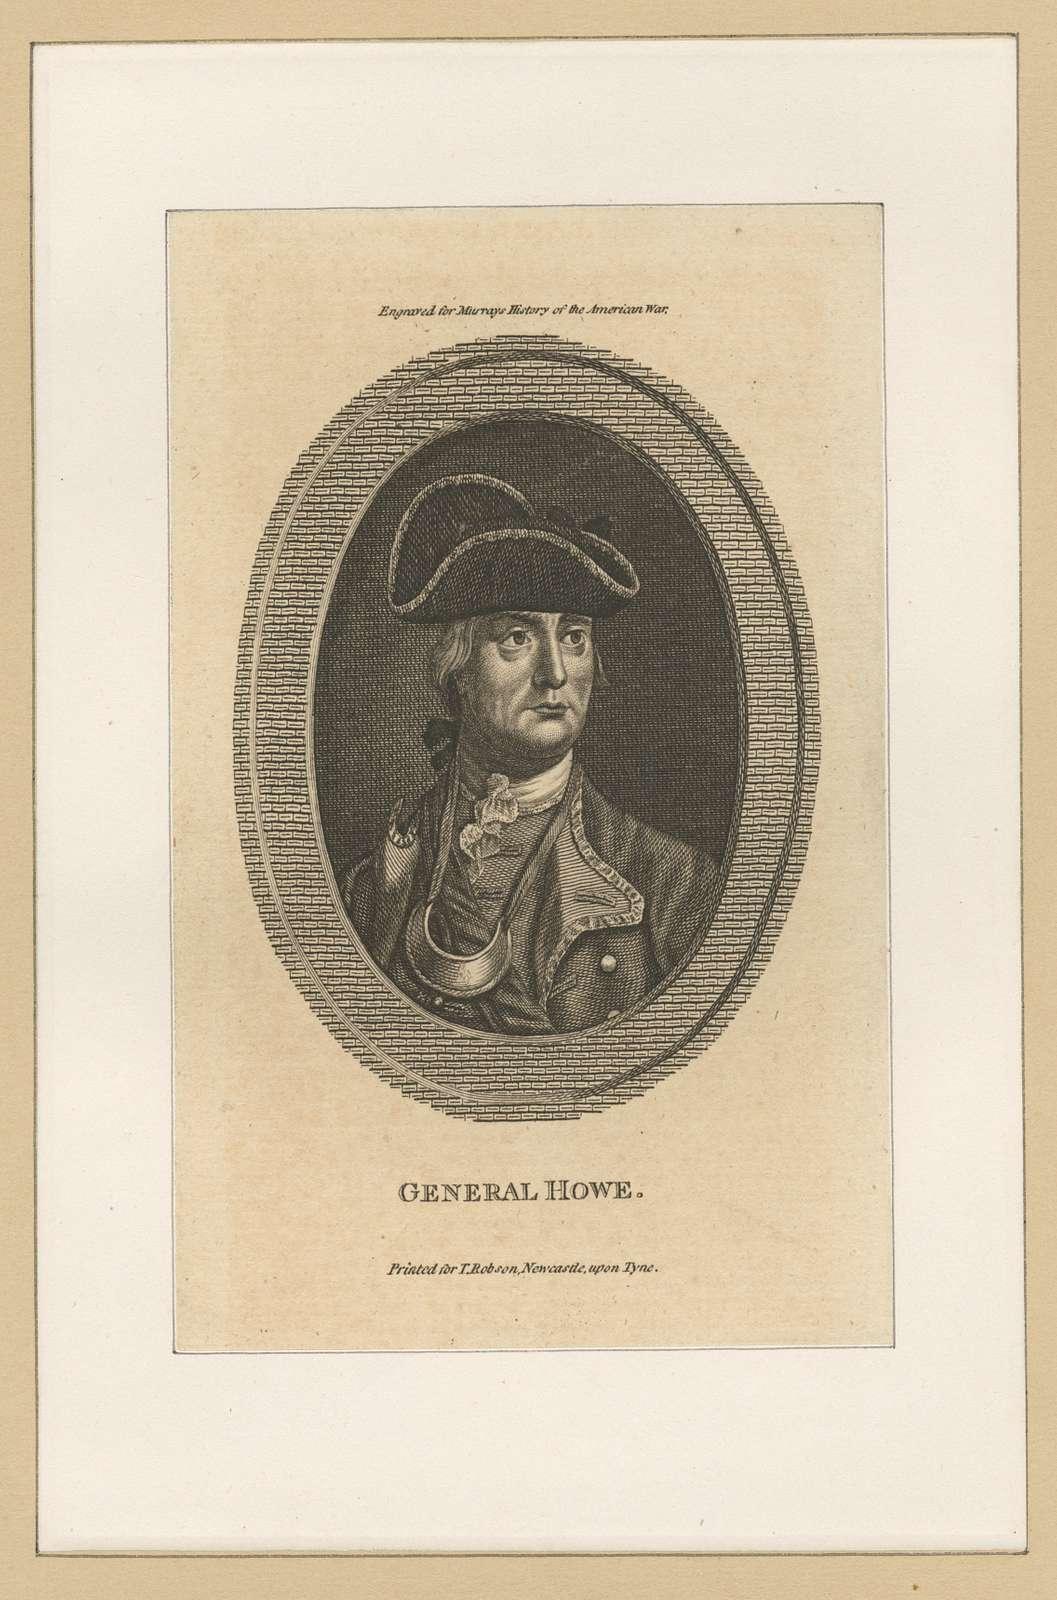 General Howe.